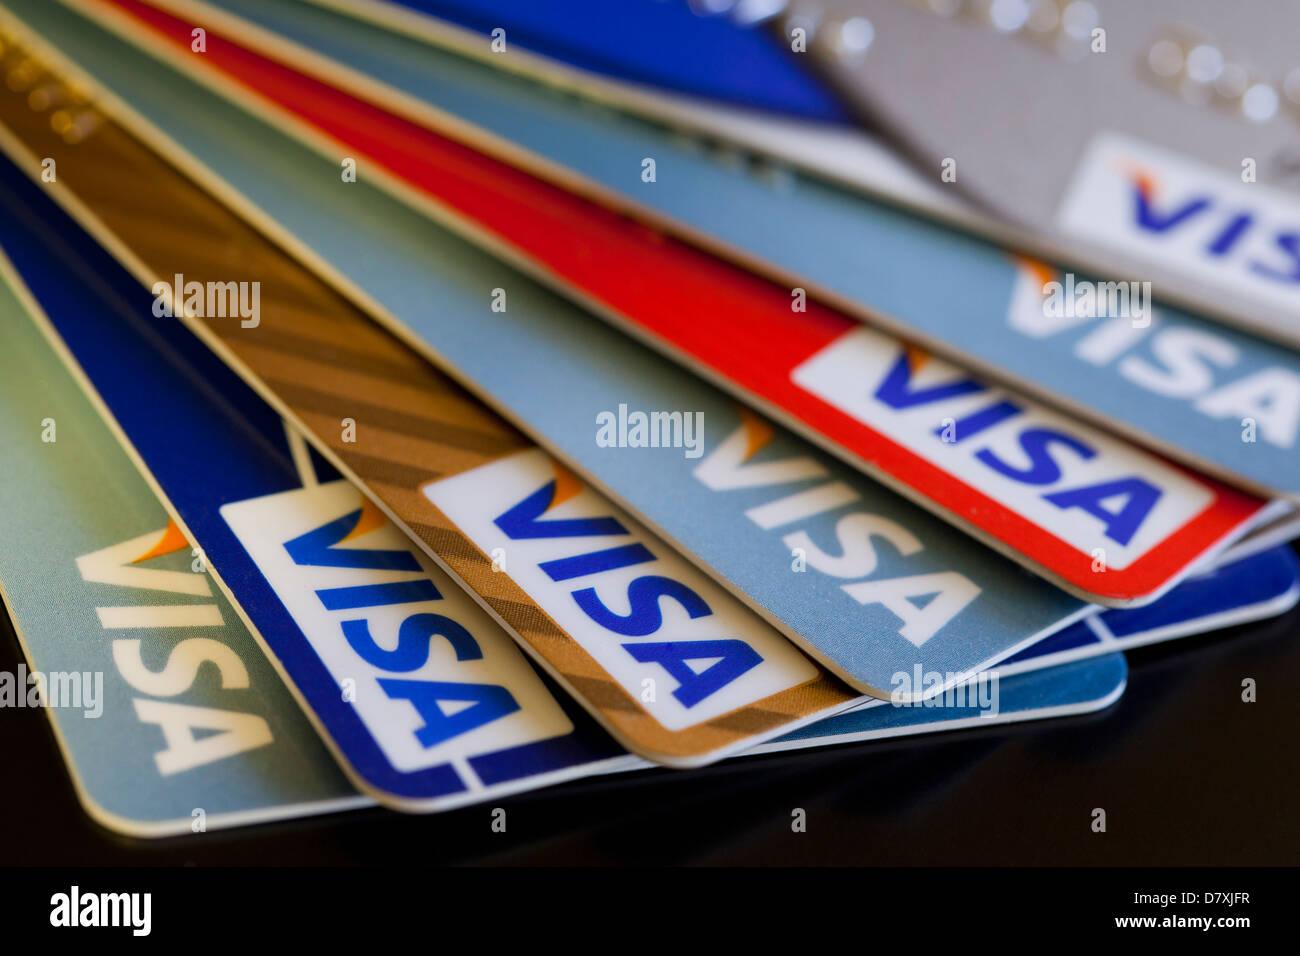 Cartes de crédit Visa Photo Stock